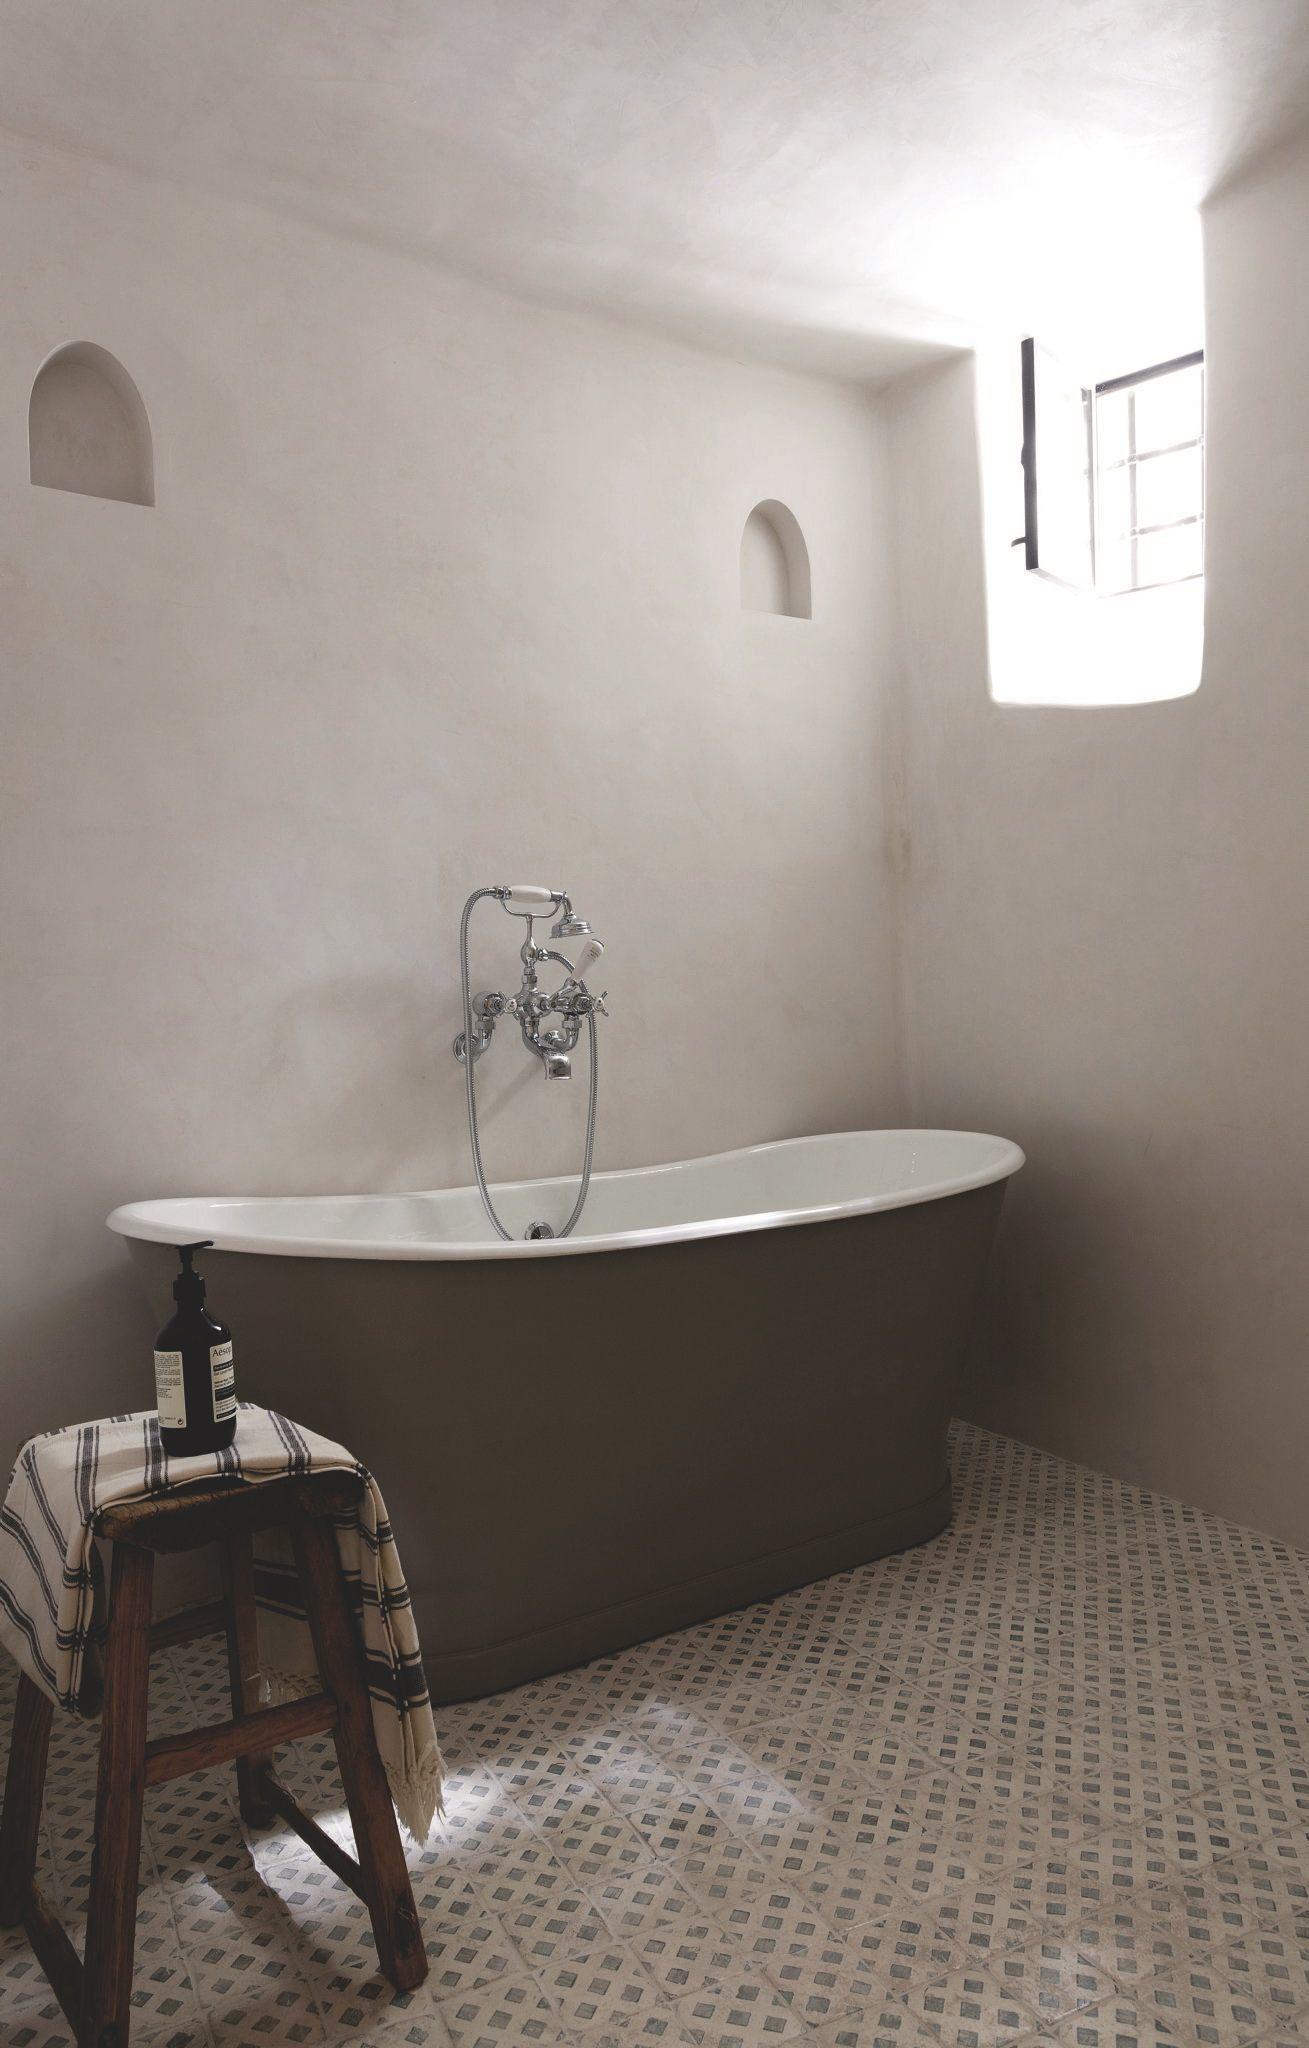 Salle De Bain Provencale maison provencale moderne rénovée | salle de bains moderne